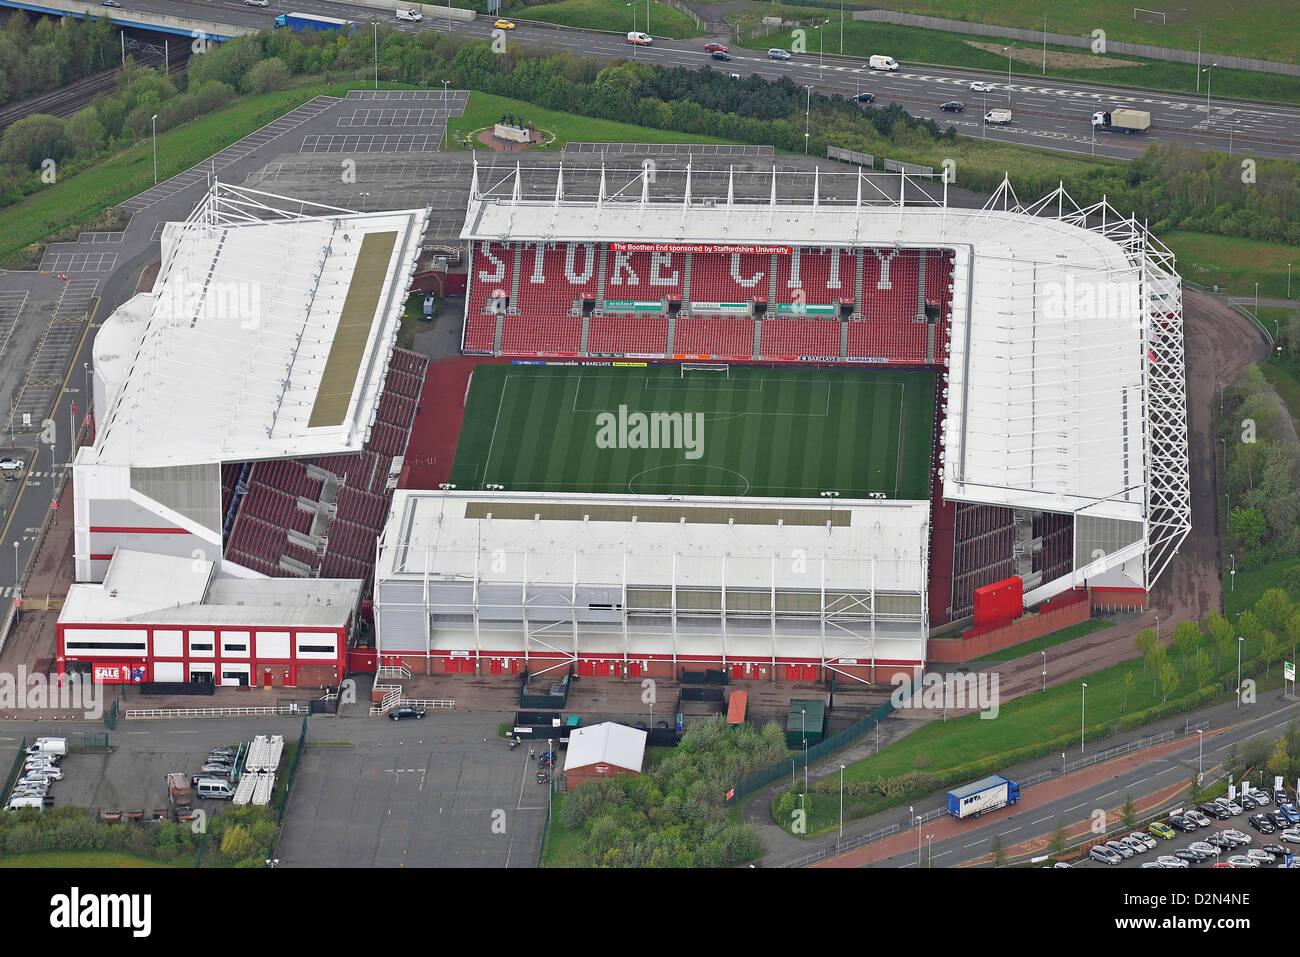 Aerial image of Stoke City's Britannia Stadium - Stock Image